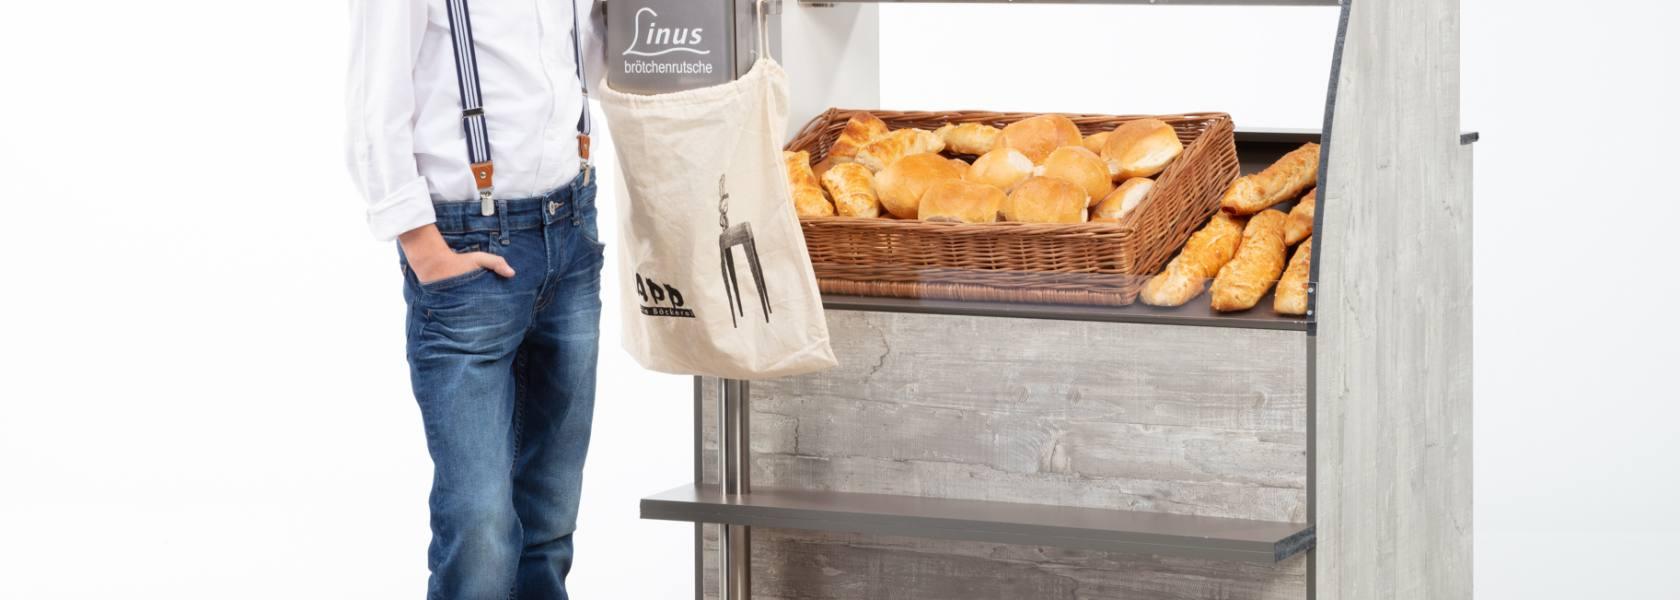 Linus Baur mit Brötchenrutsche, © Caroline Baur